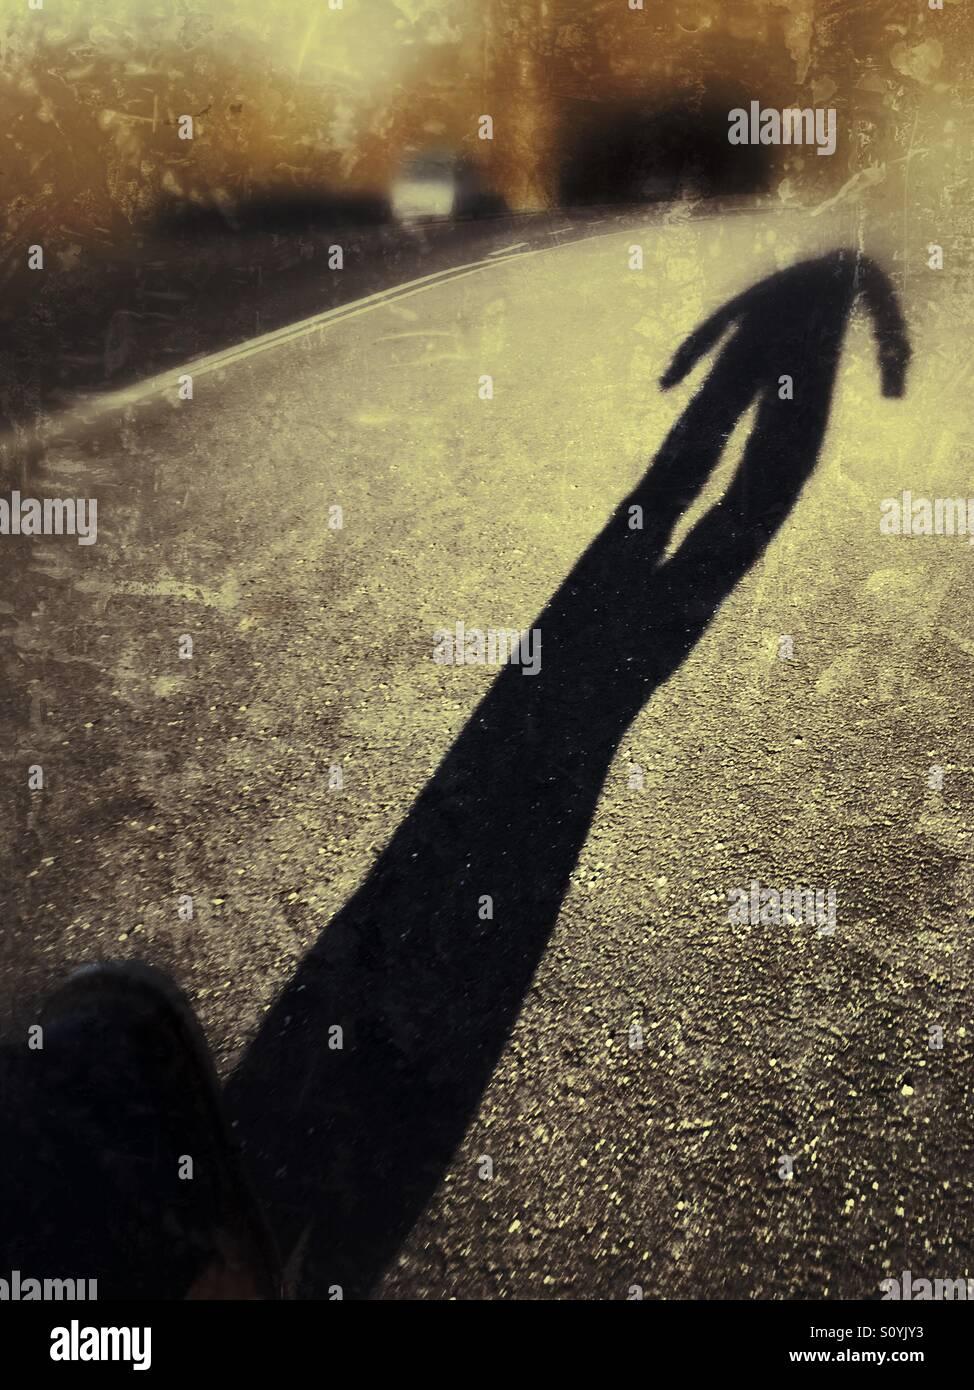 Der lange Schatten eines Mannes zu Fuß eine Straße hinunter. Stockbild